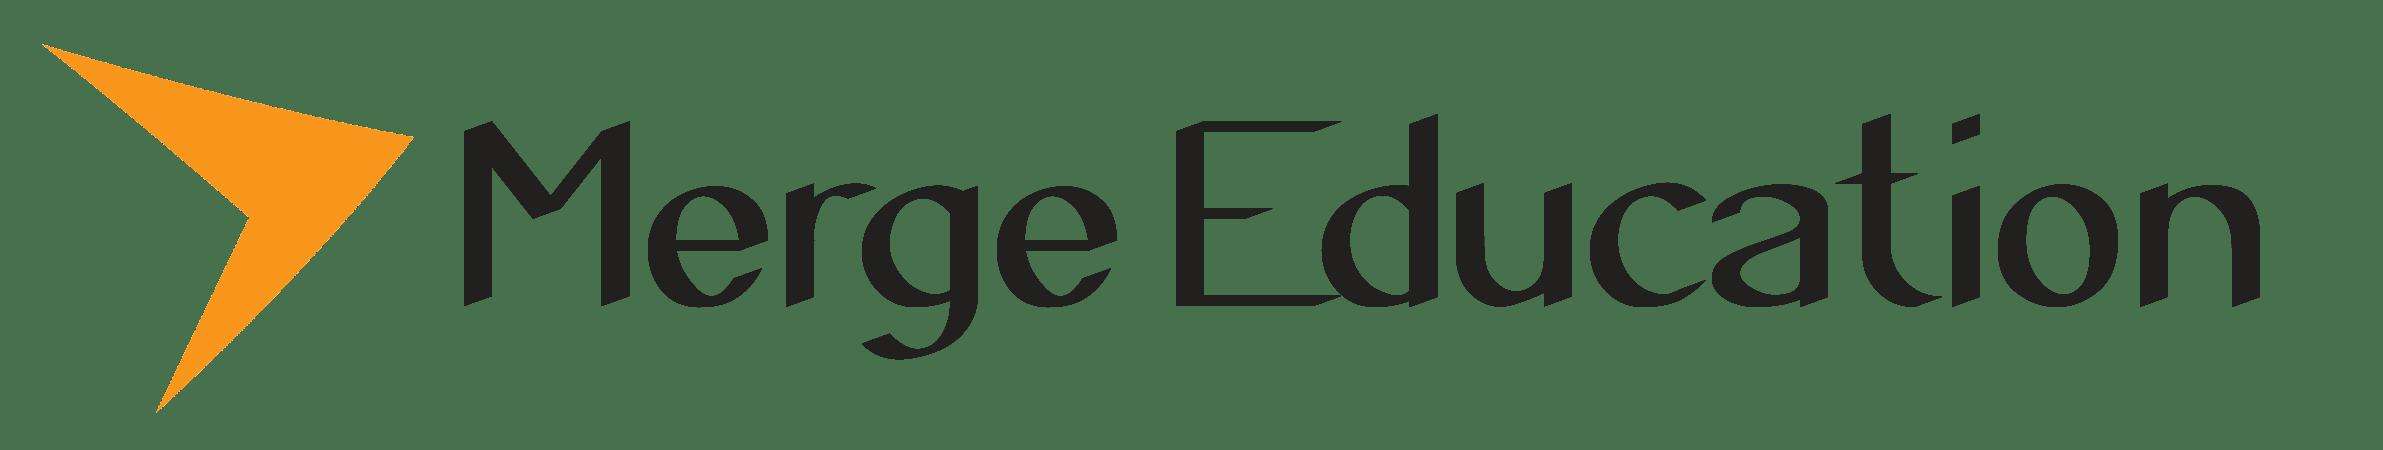 Merge Education Logo